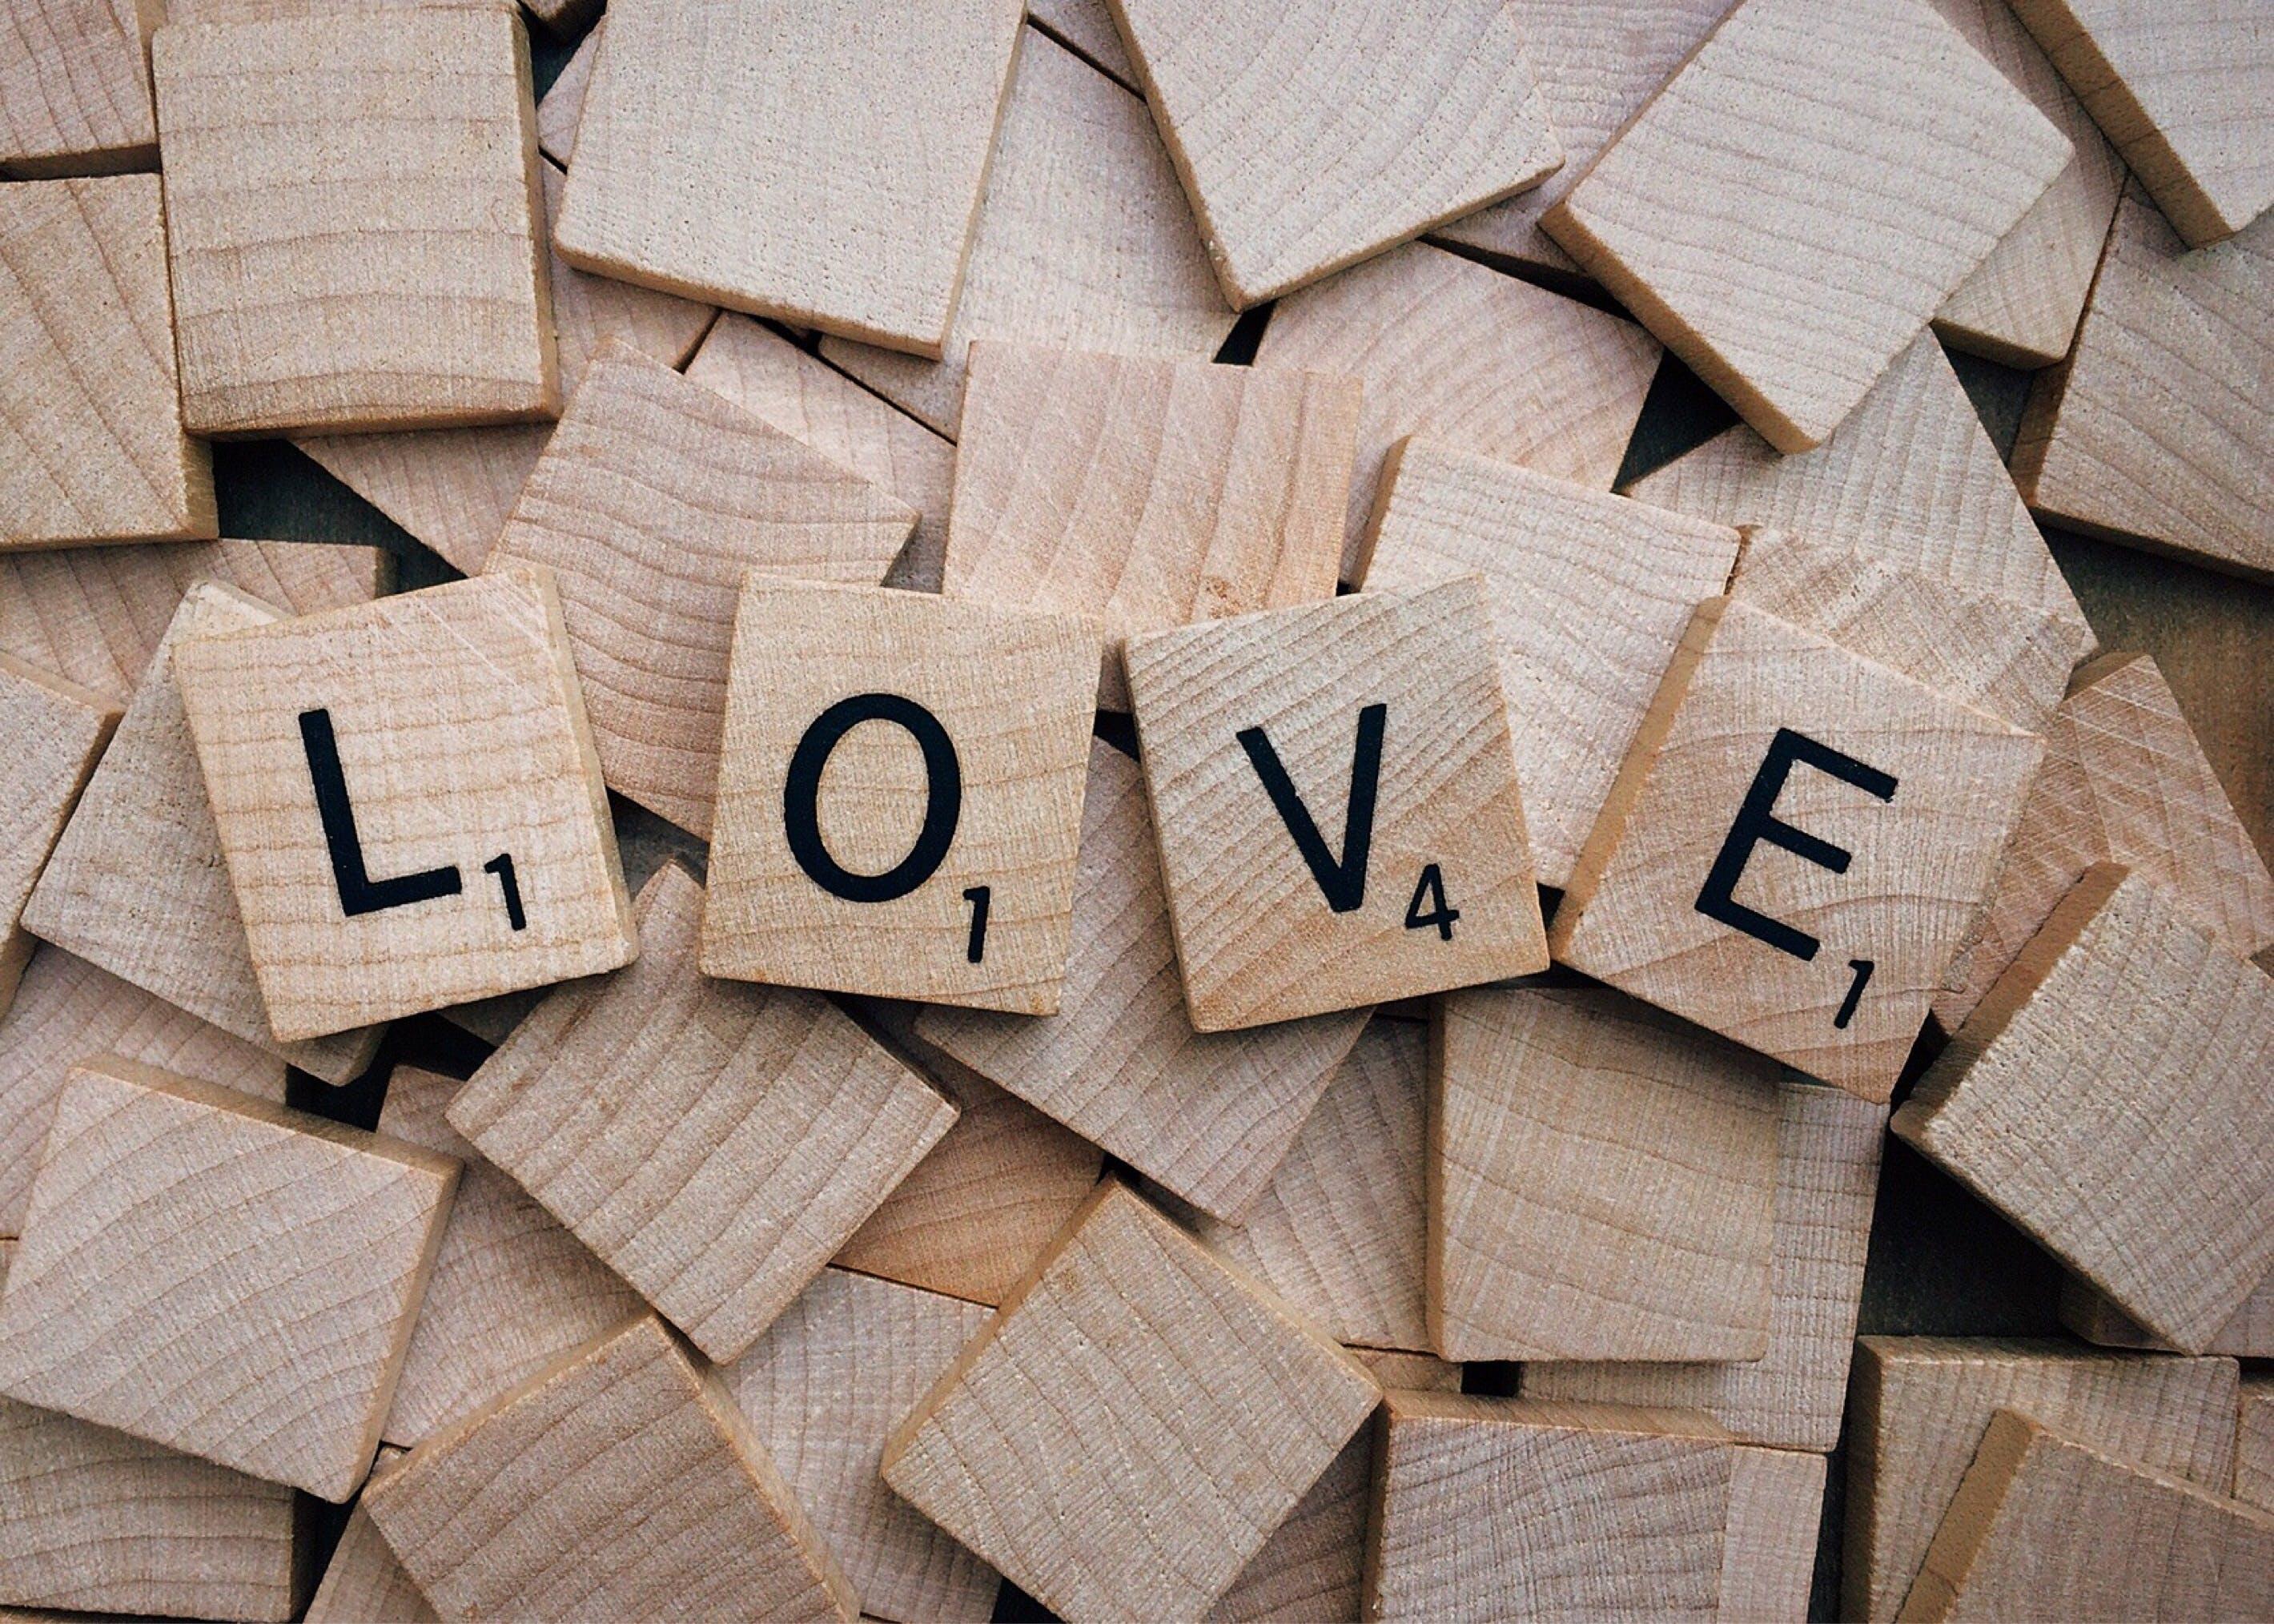 Kostnadsfri bild av alfapet, kärlek, ord, trä